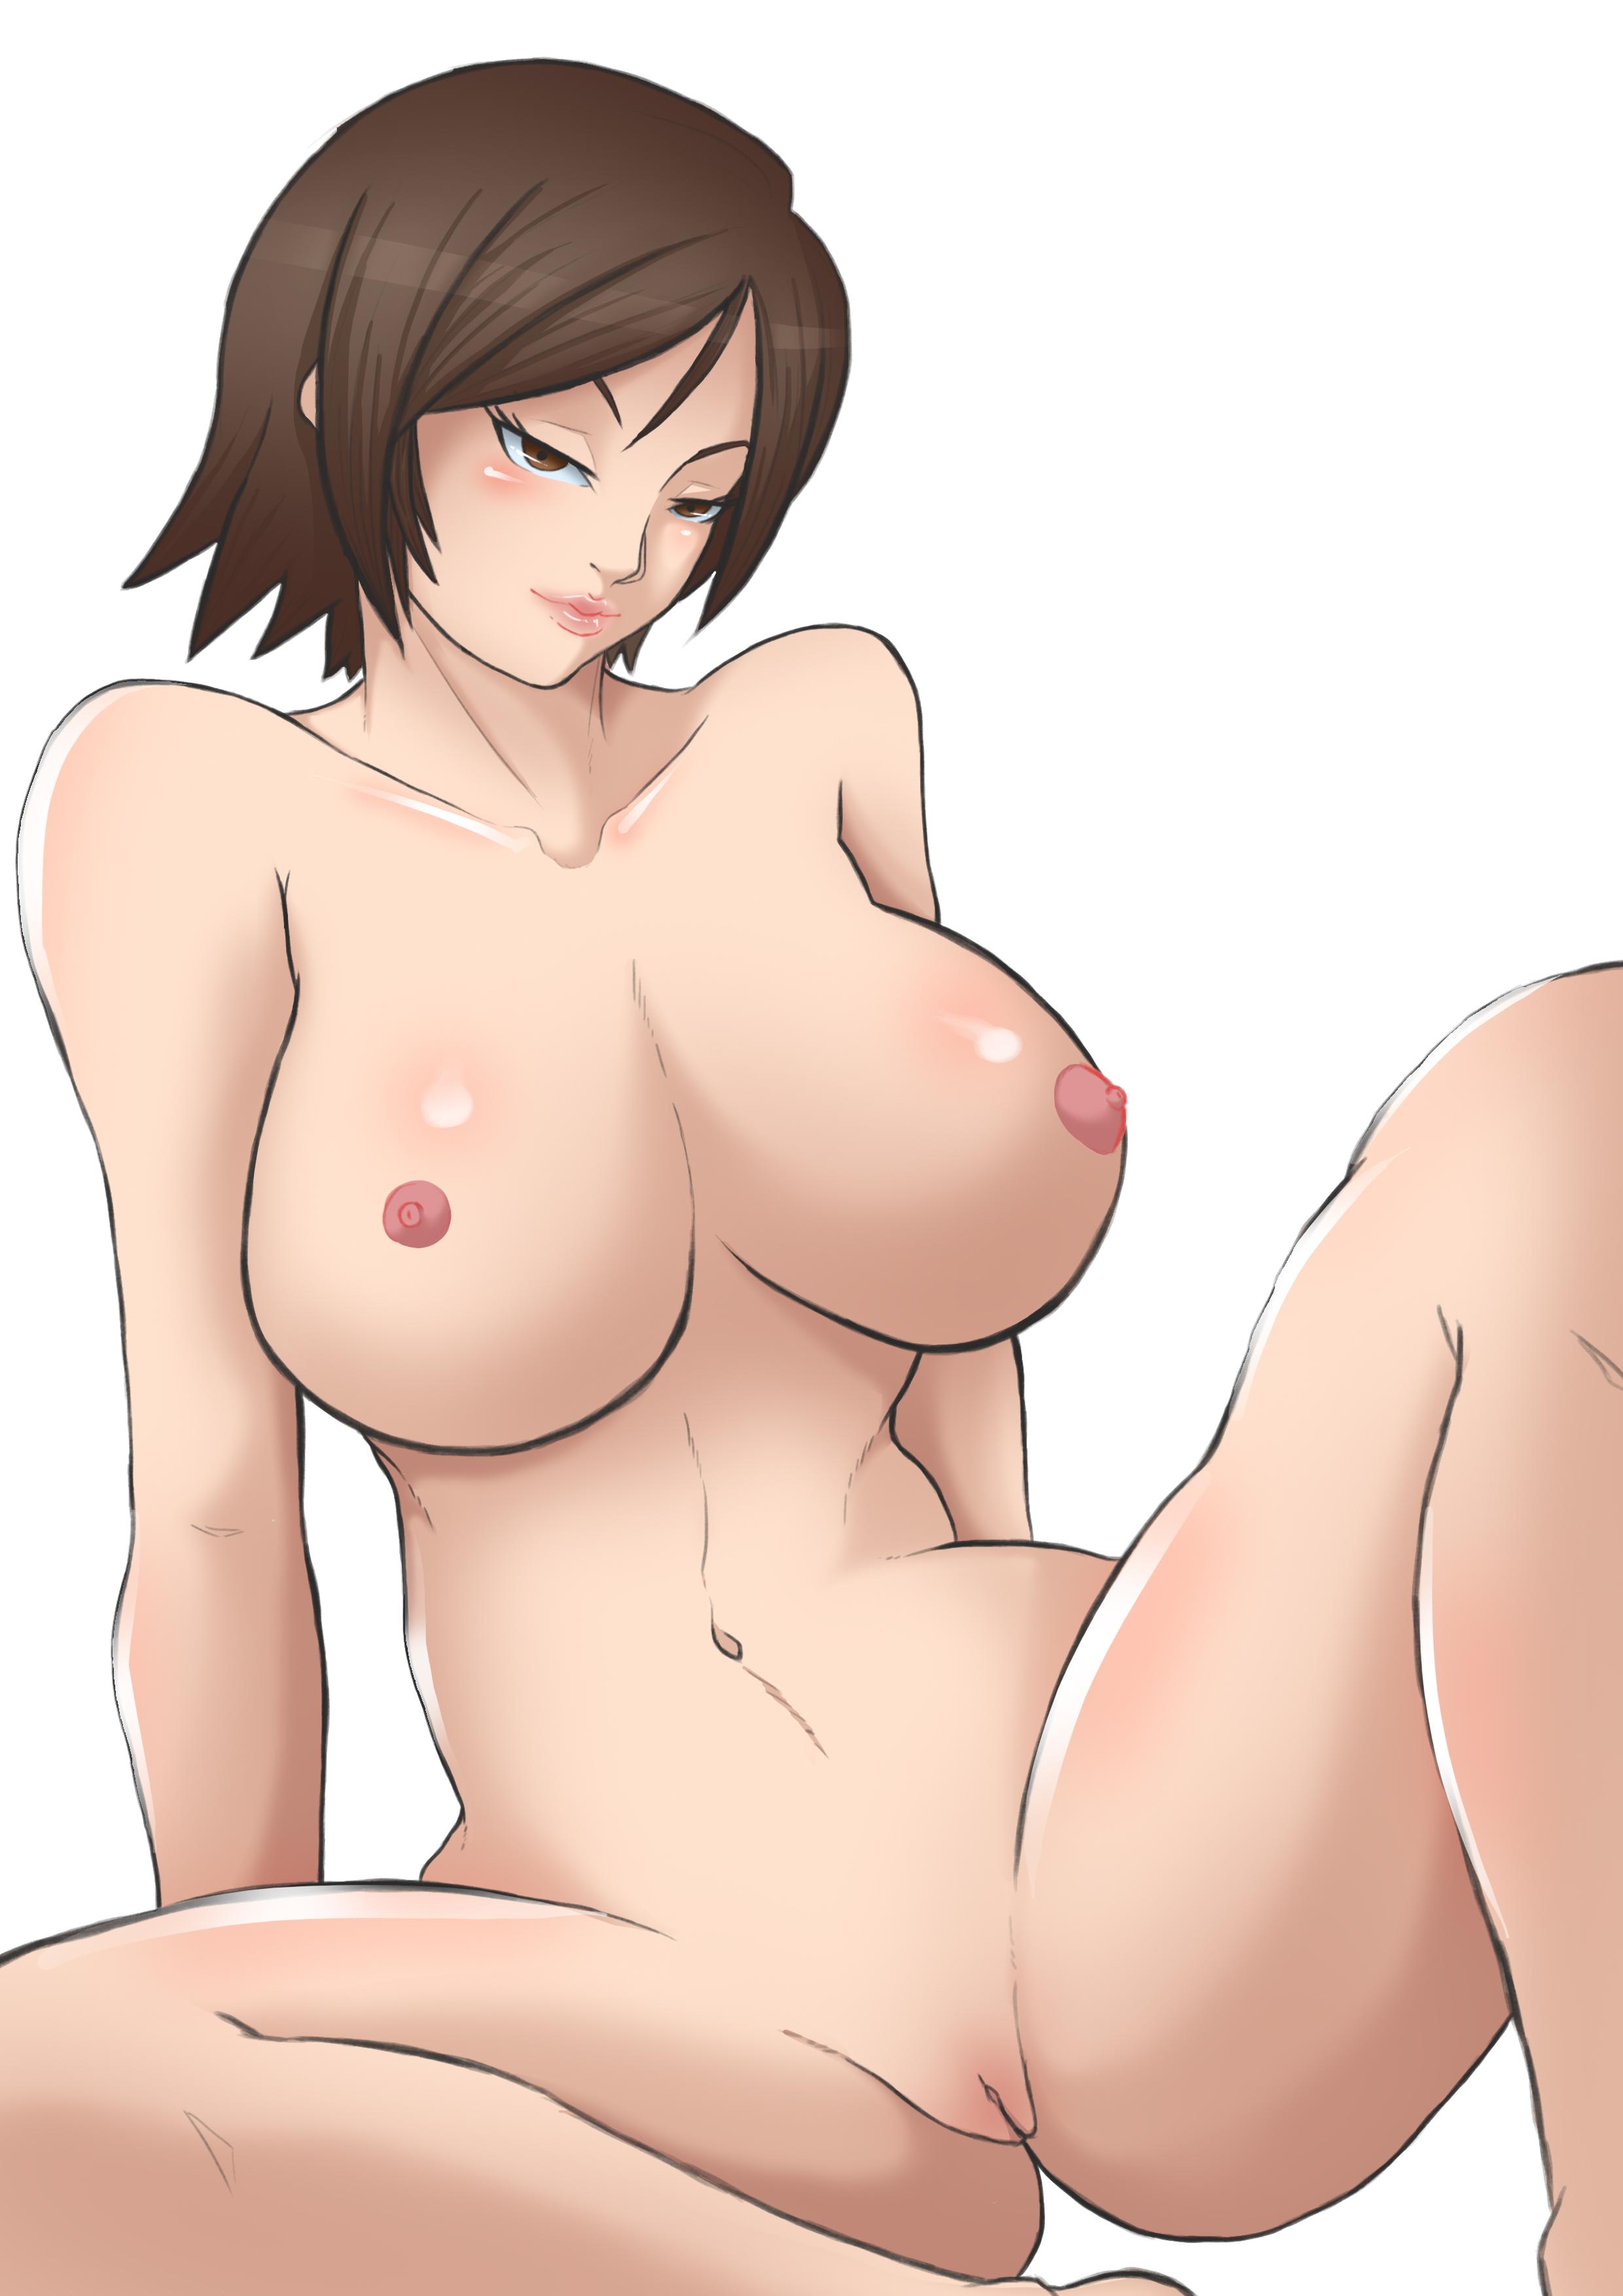 Asuka Kazama Nude